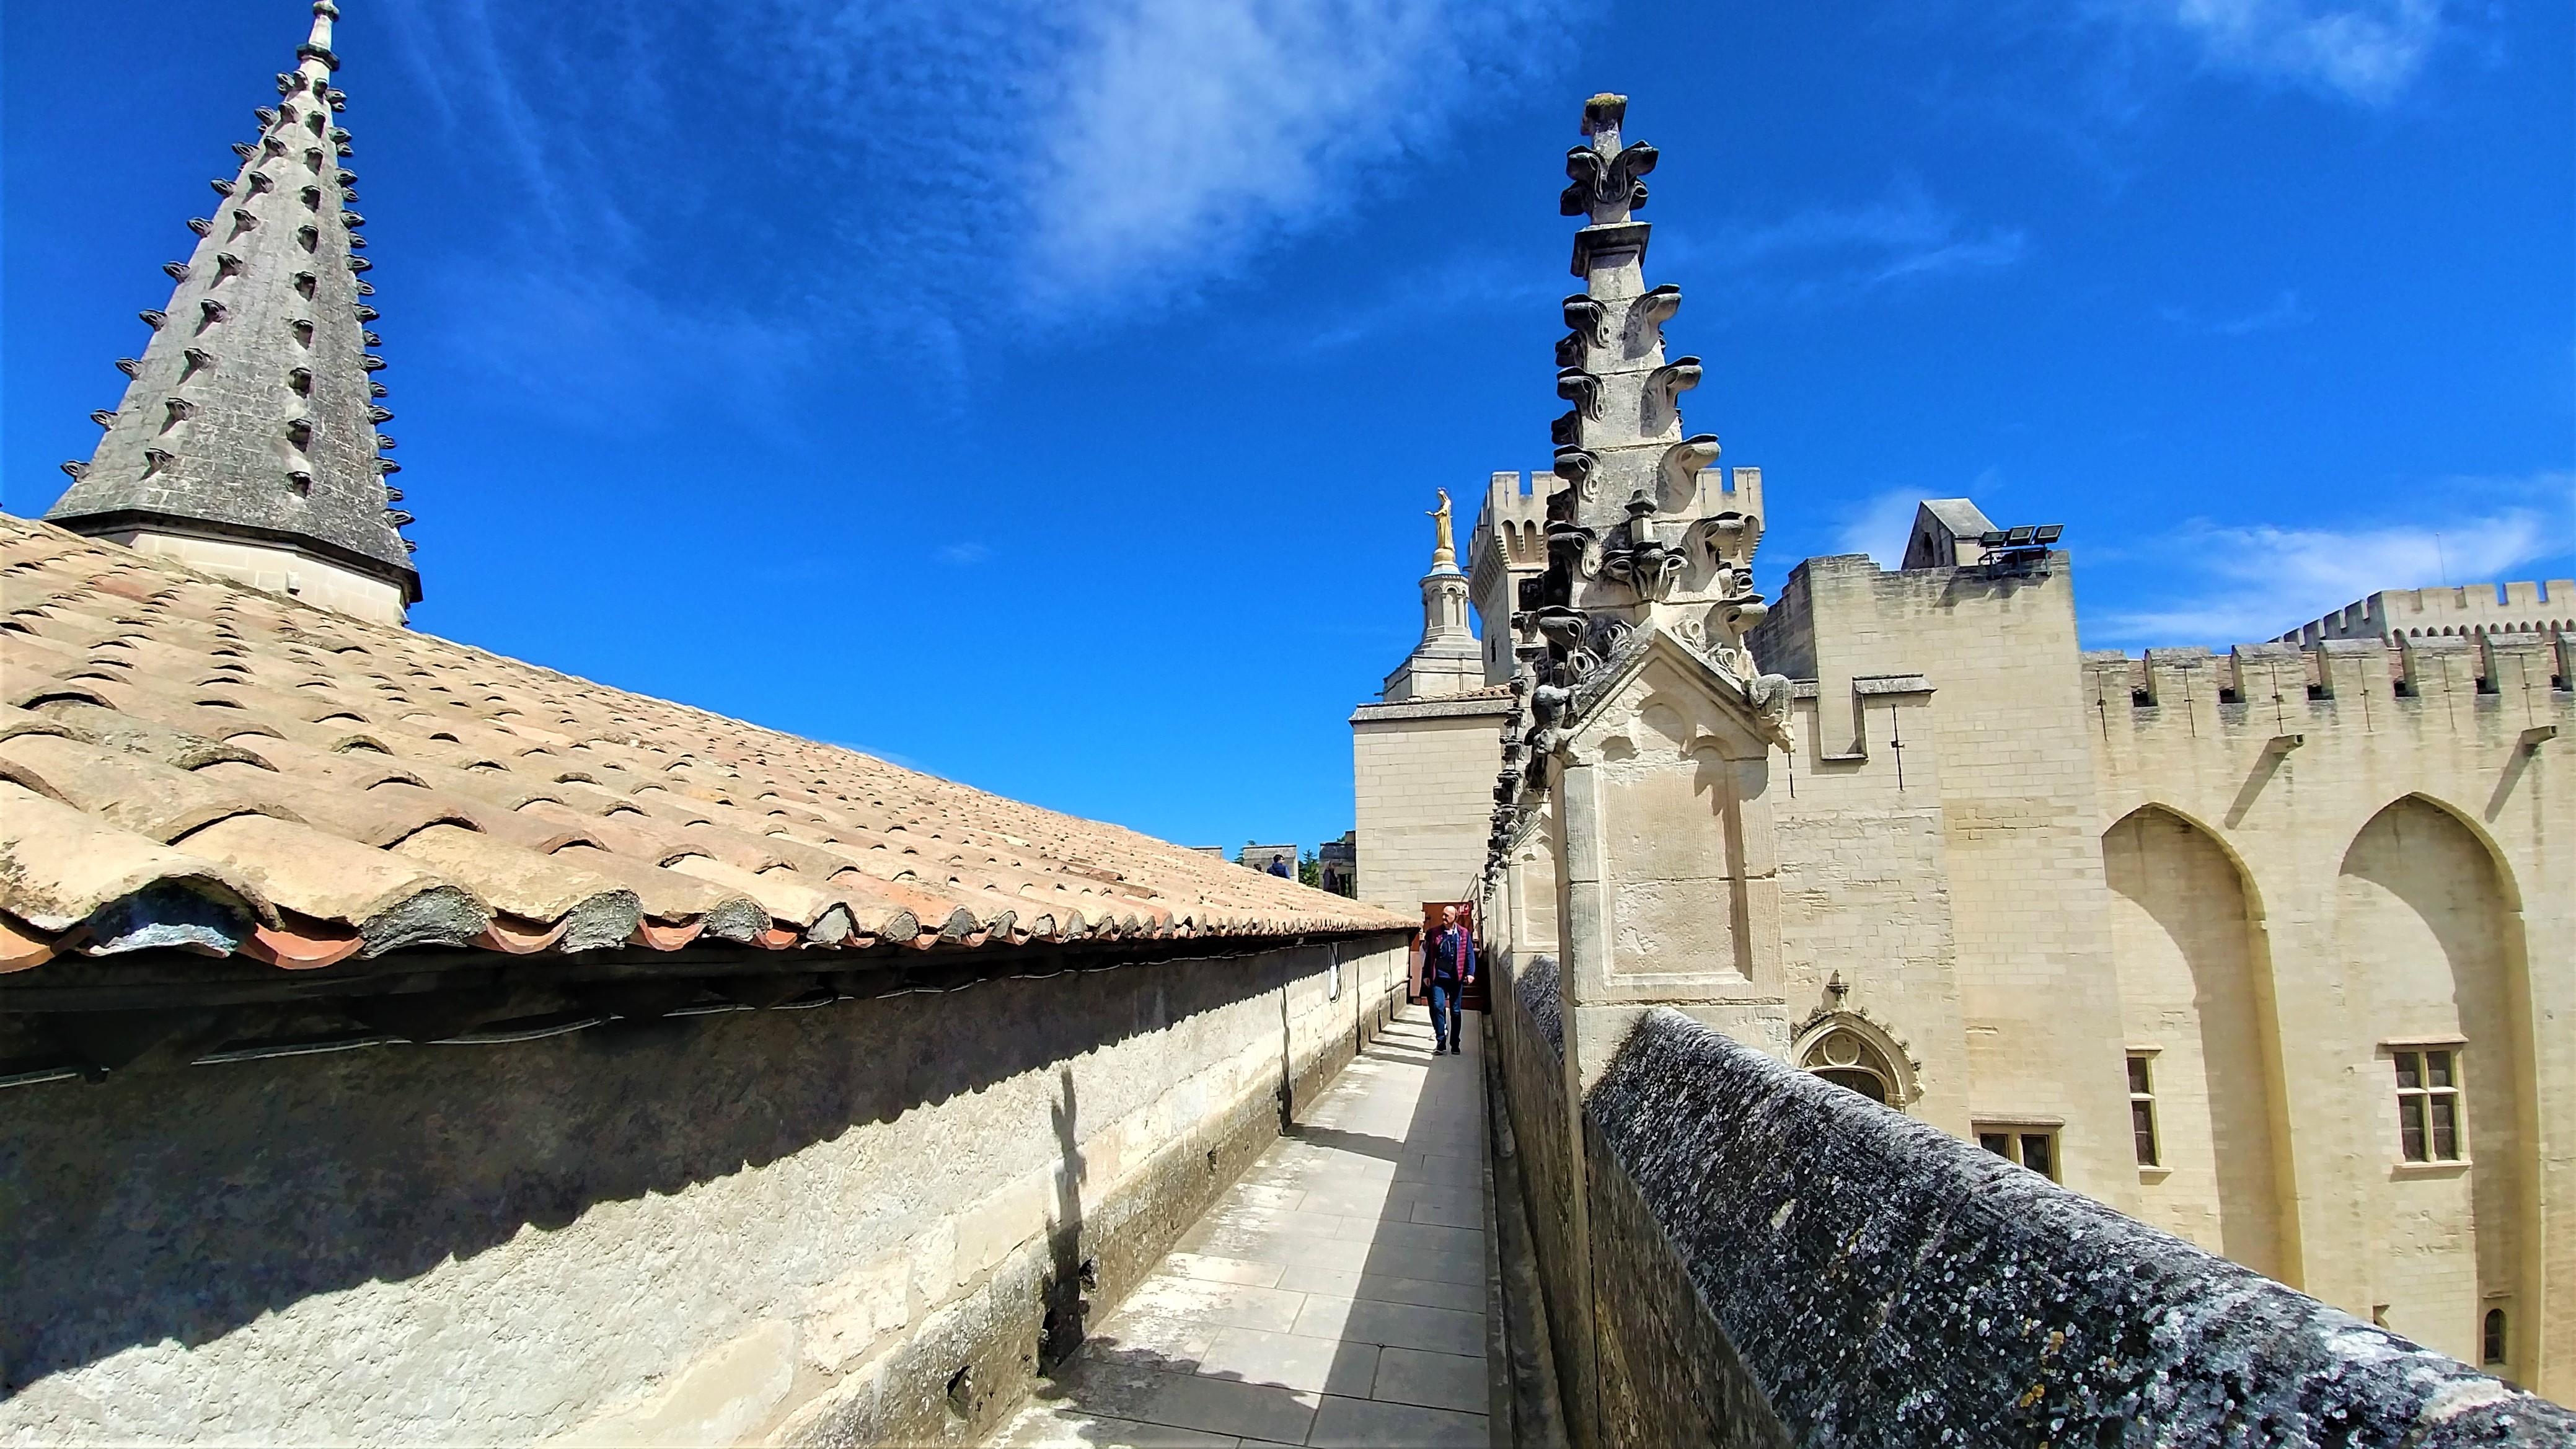 toit palais papes avignon visite provence